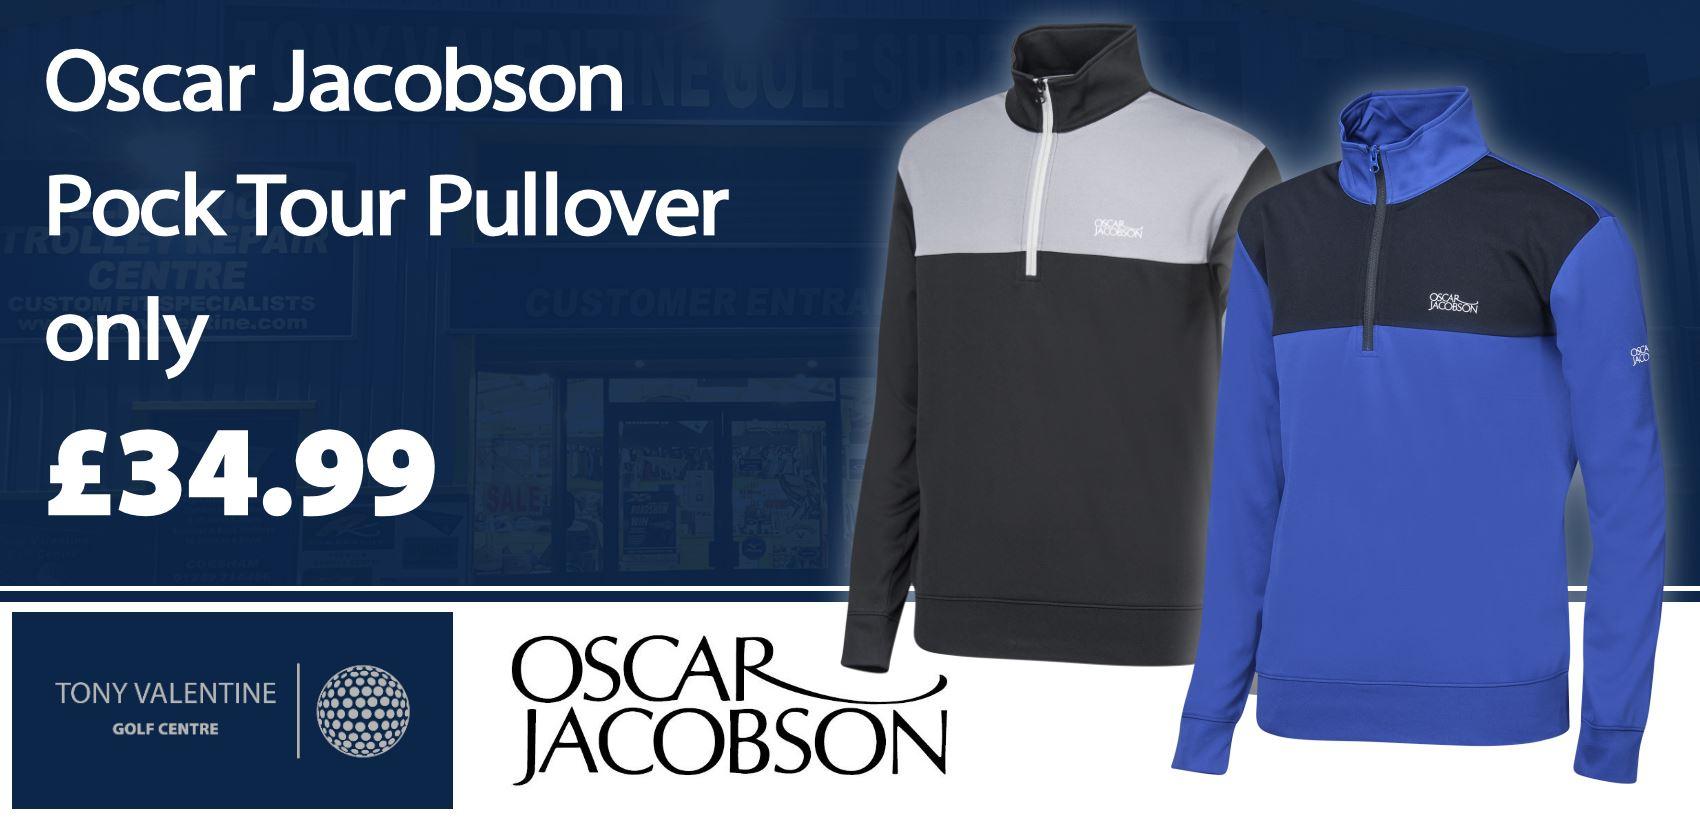 Oscar Jacobson Pock Tour Pullover